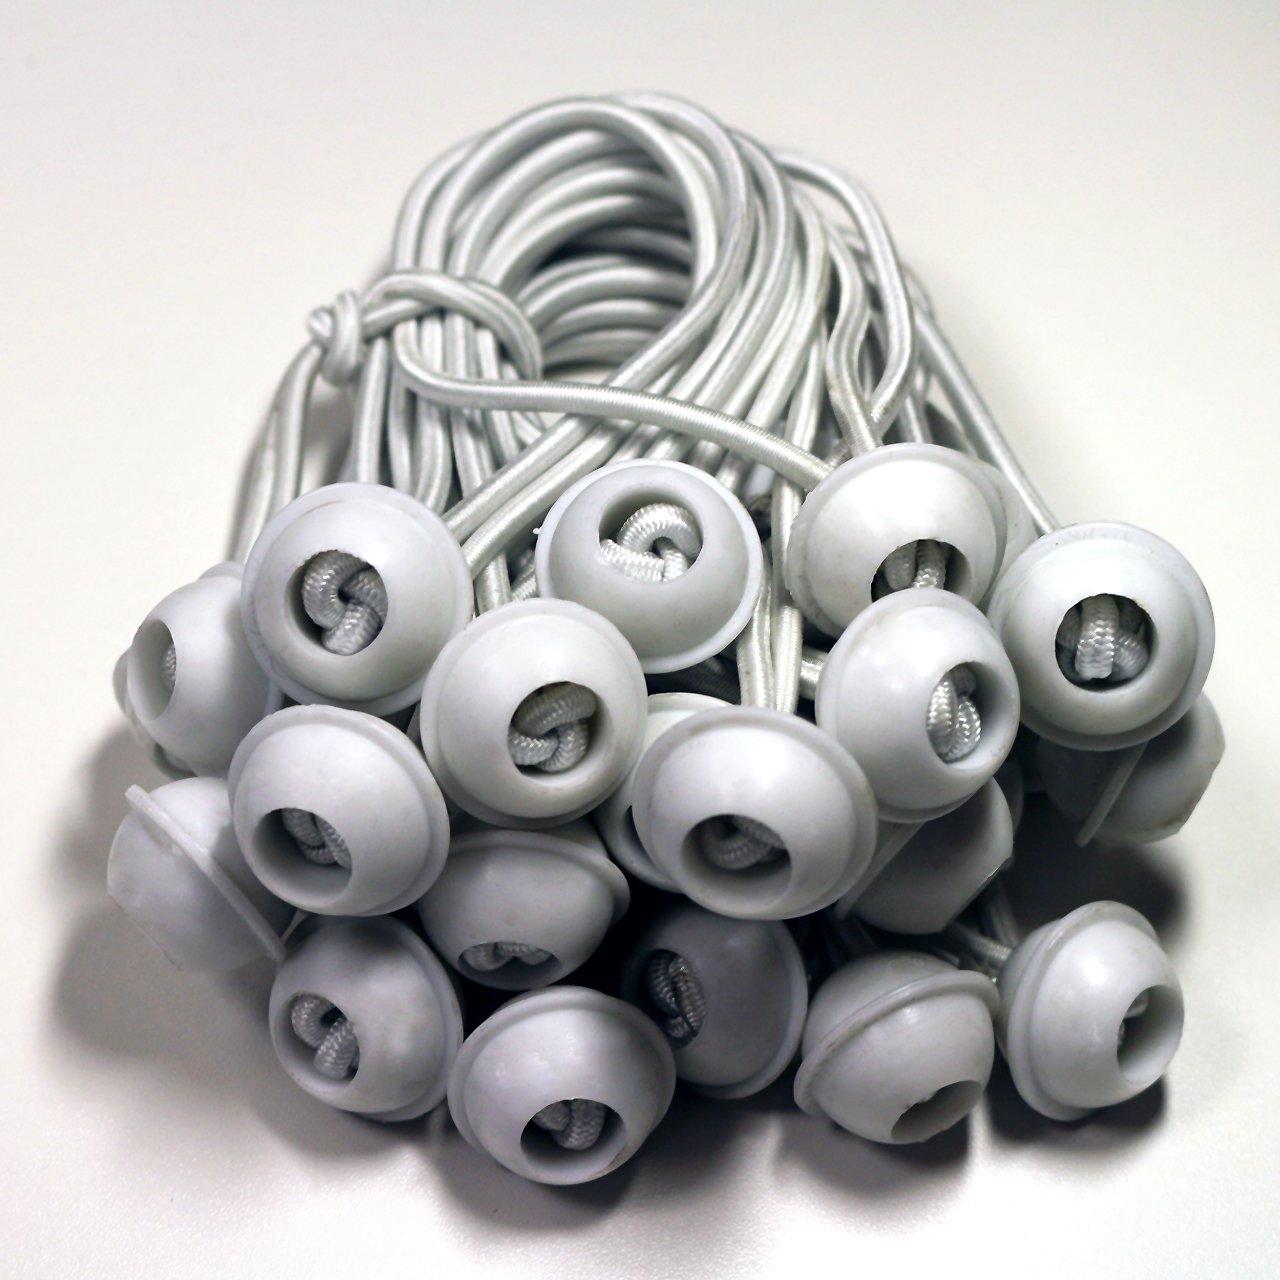 100 Stück Set Gummischlaufen Spanngummis zum Befestigen von Planen - Zeltgummis Expanderschlingen Bungees Spanner Planenspanner für Partyzelt Pavillon Zelt - weiß, lang